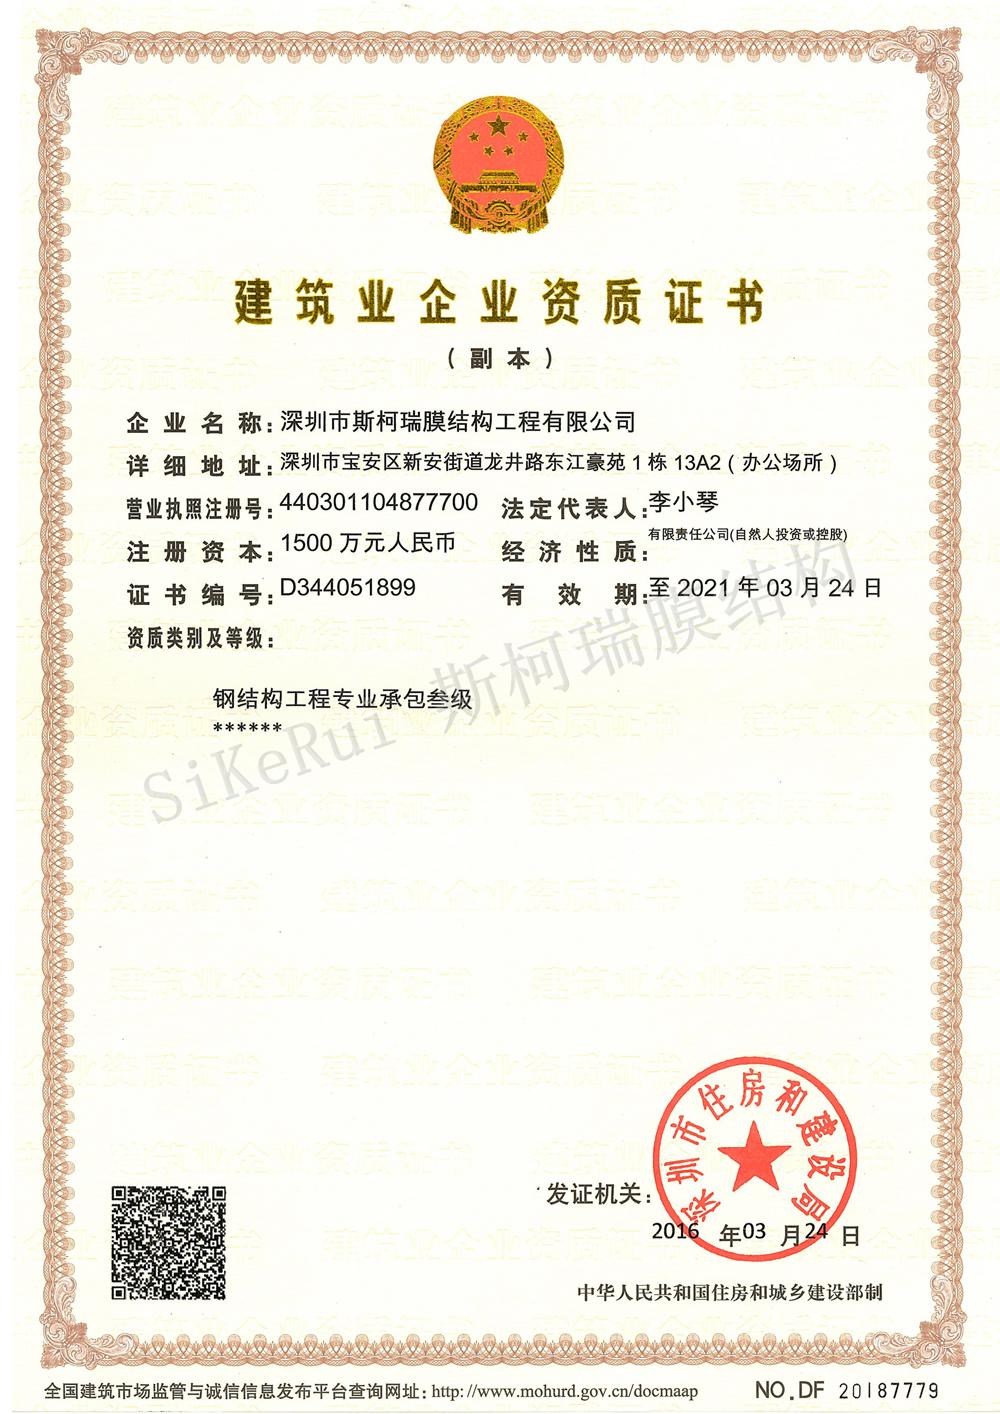 斯柯瑞-钢结构资质证书